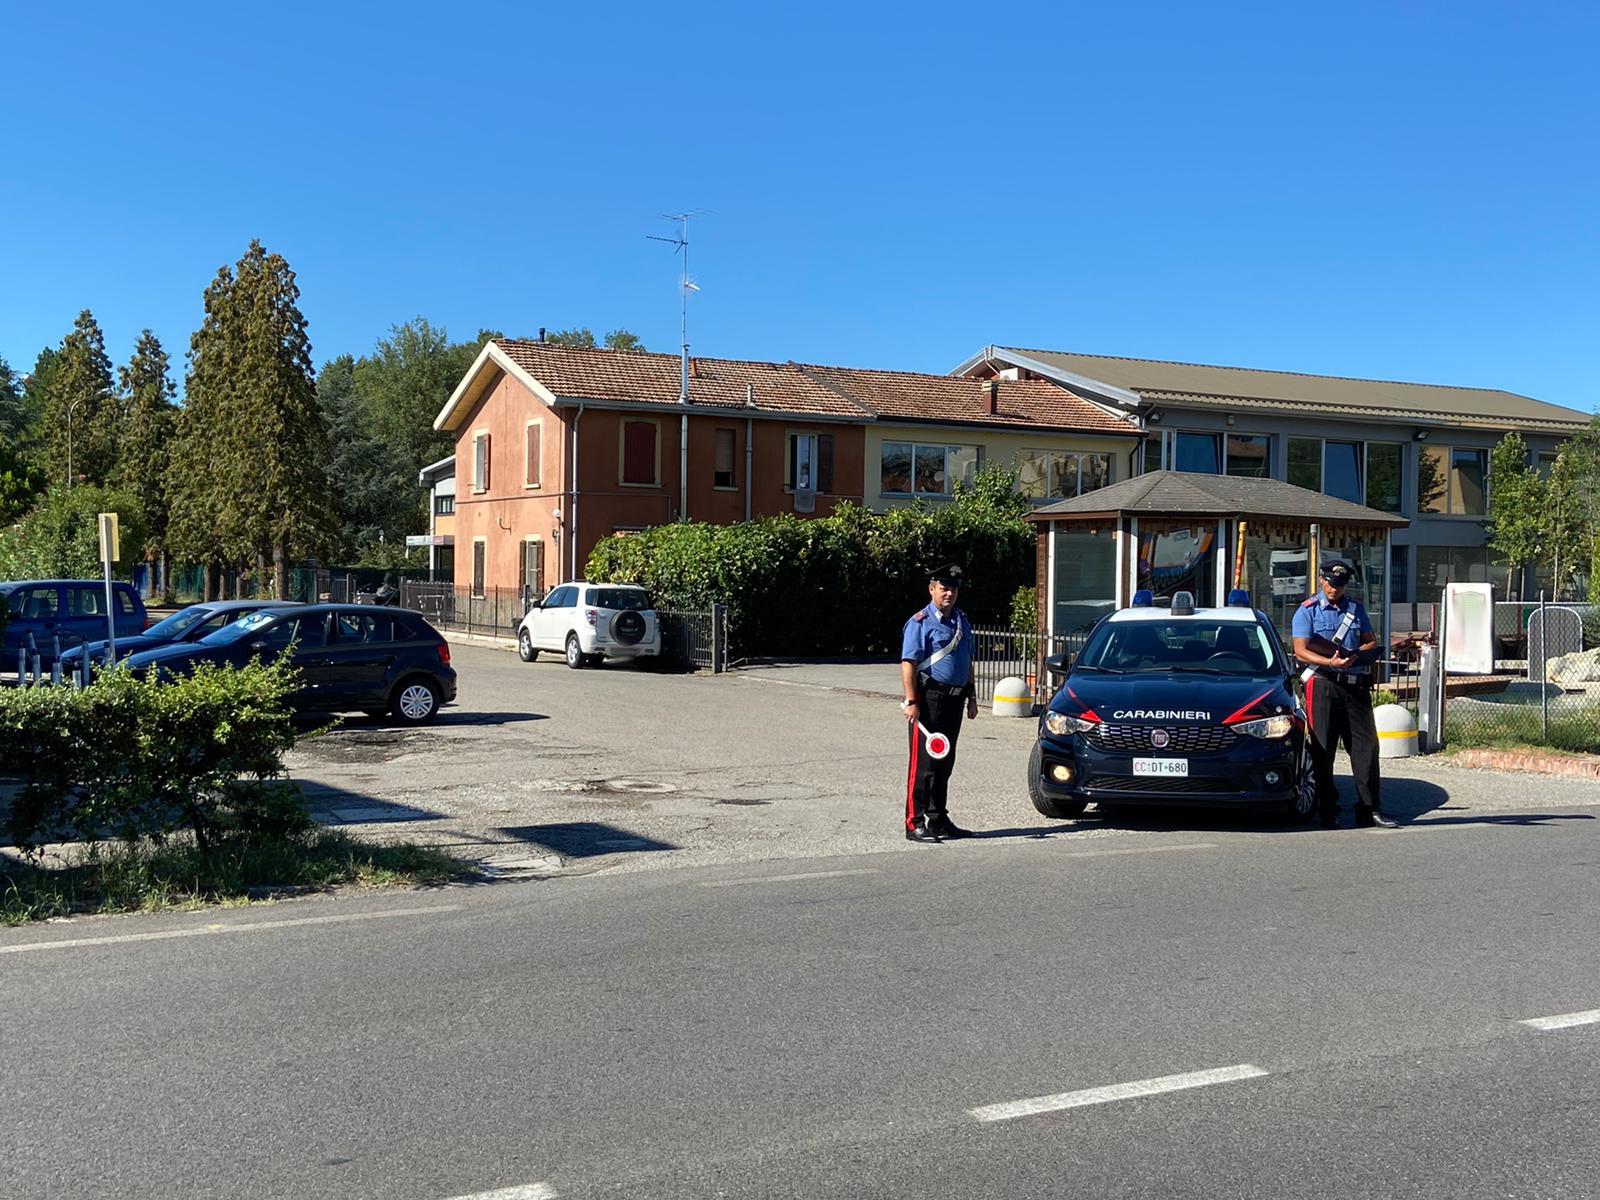 Anzola Emilia, 69enne investito mentre attraversa la strada: l'uomo è deceduto